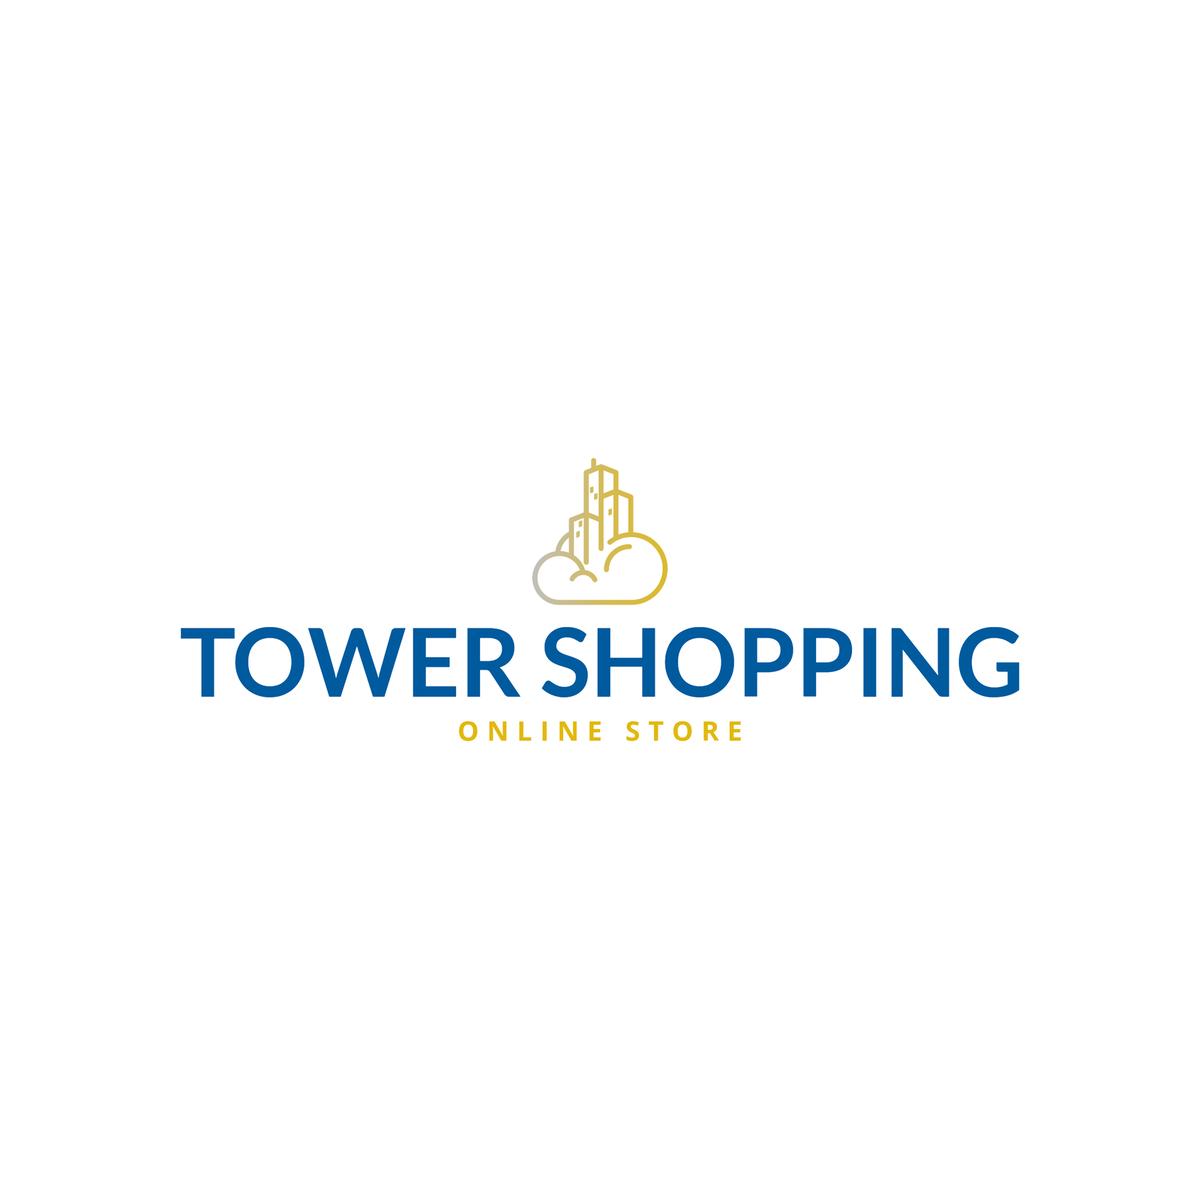 TowerShopping